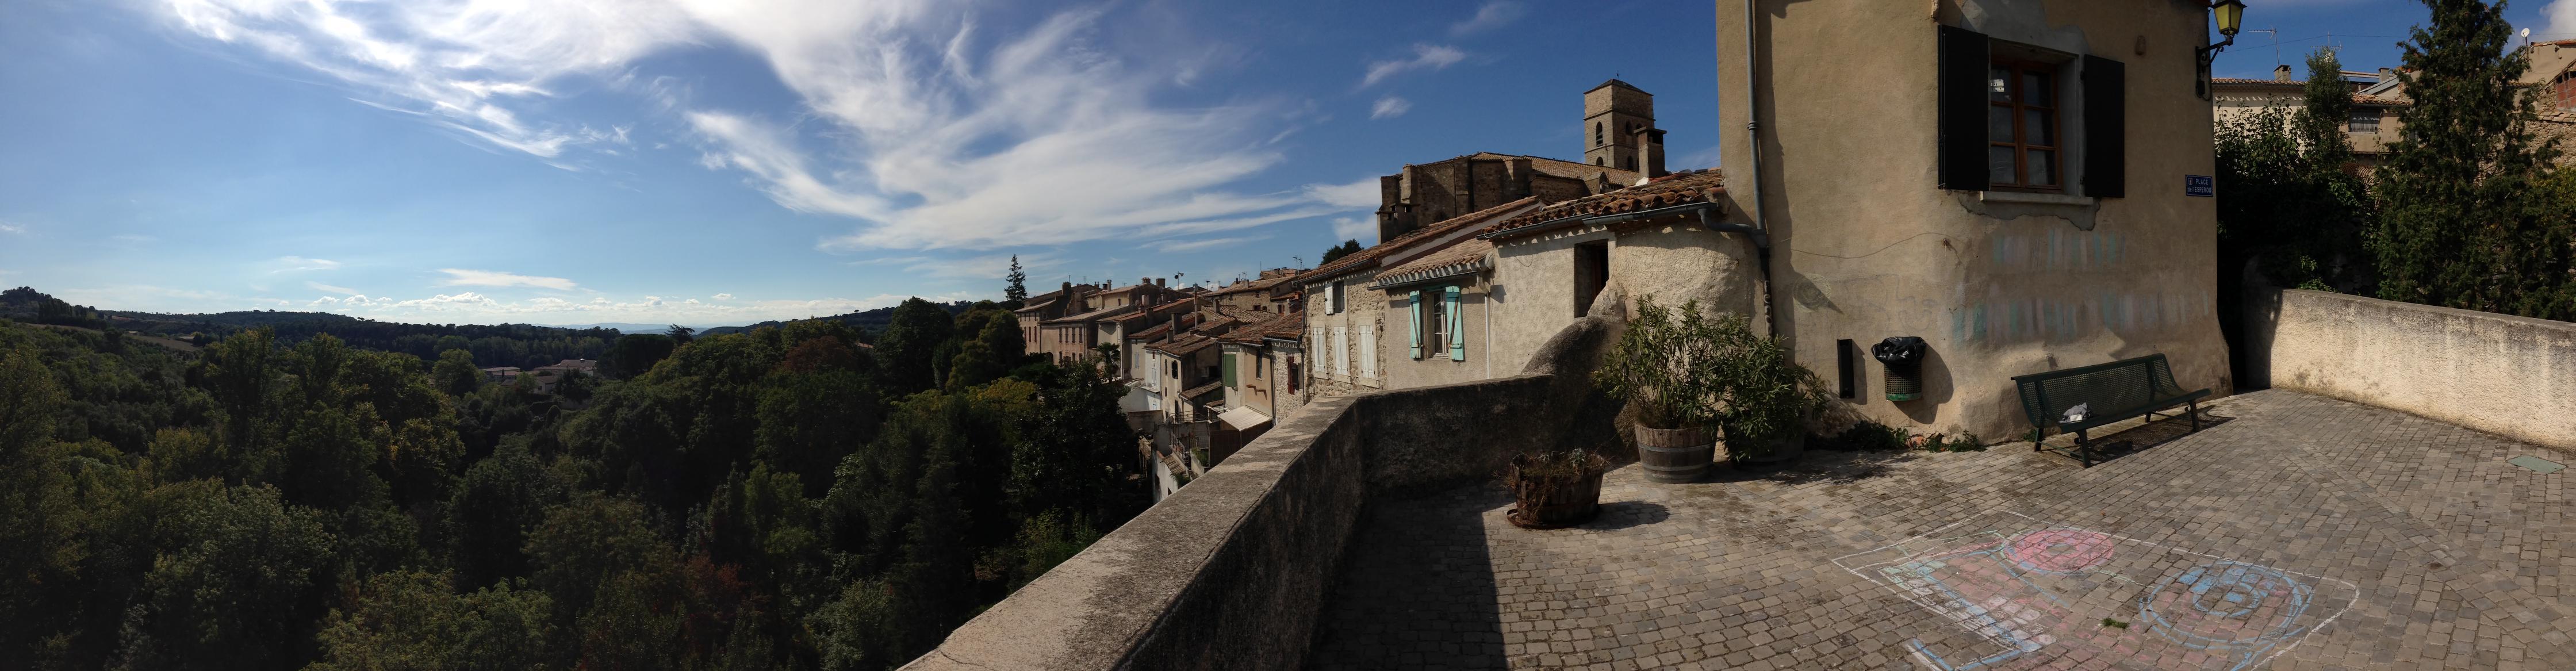 A view fromPlace Esperou Montolieu